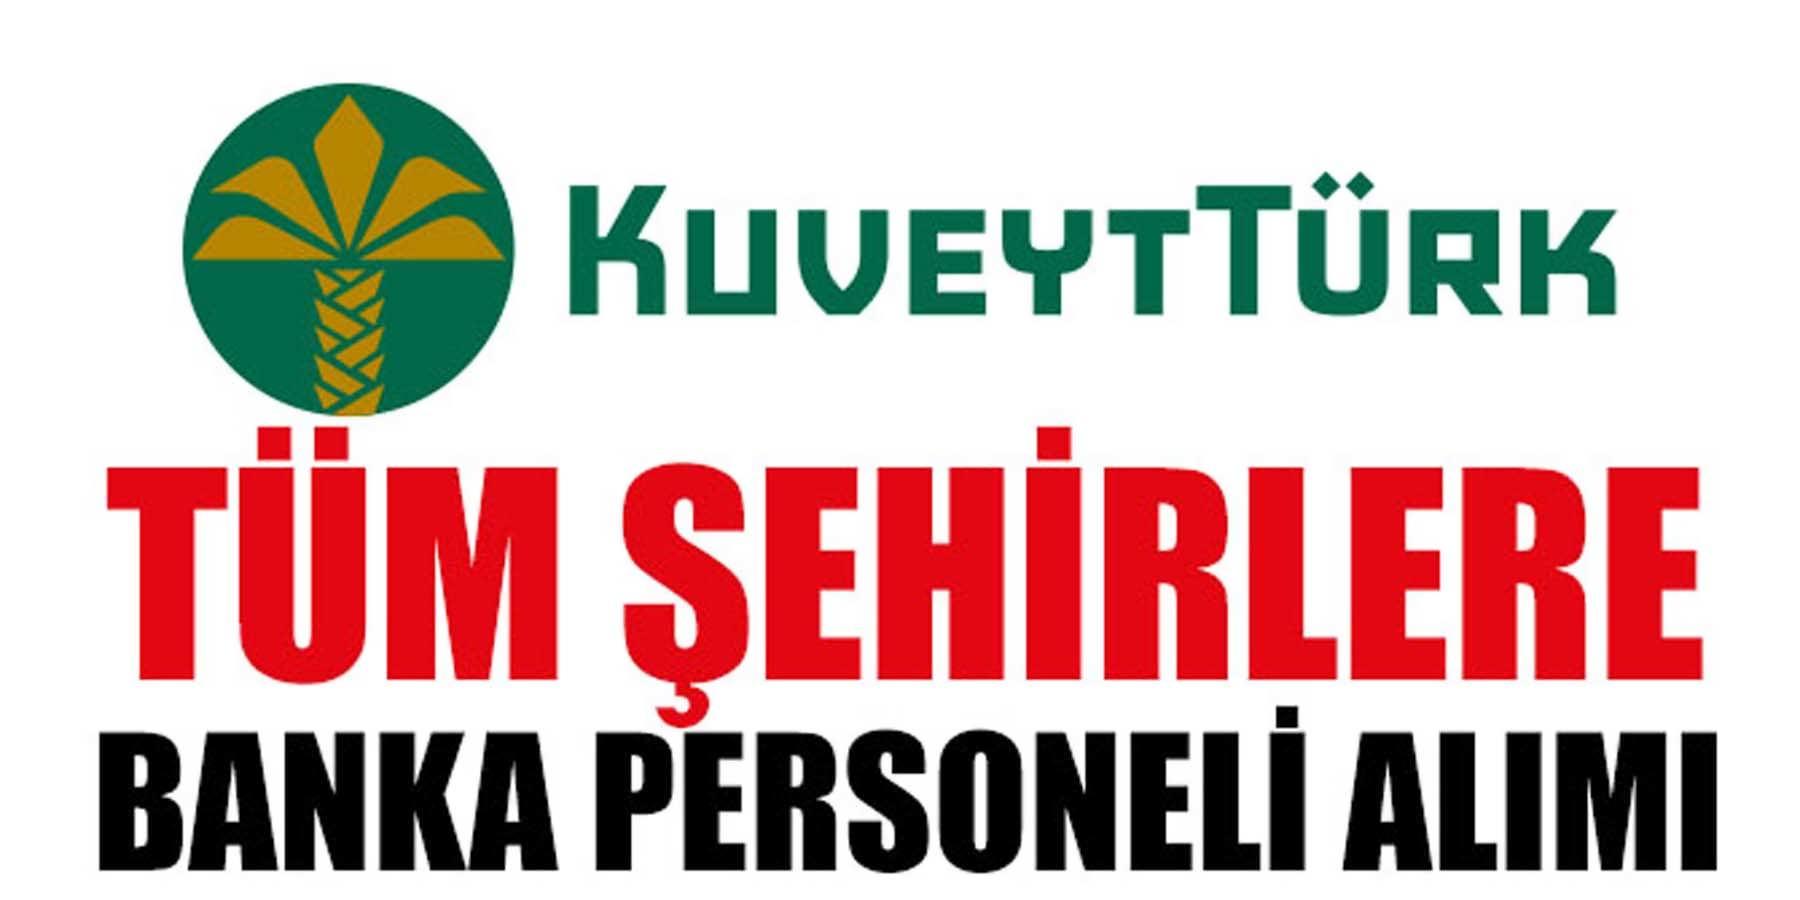 Kuveyt Türk Katılım Bankası Tüm Şehirlere Banka Personeli Alımı